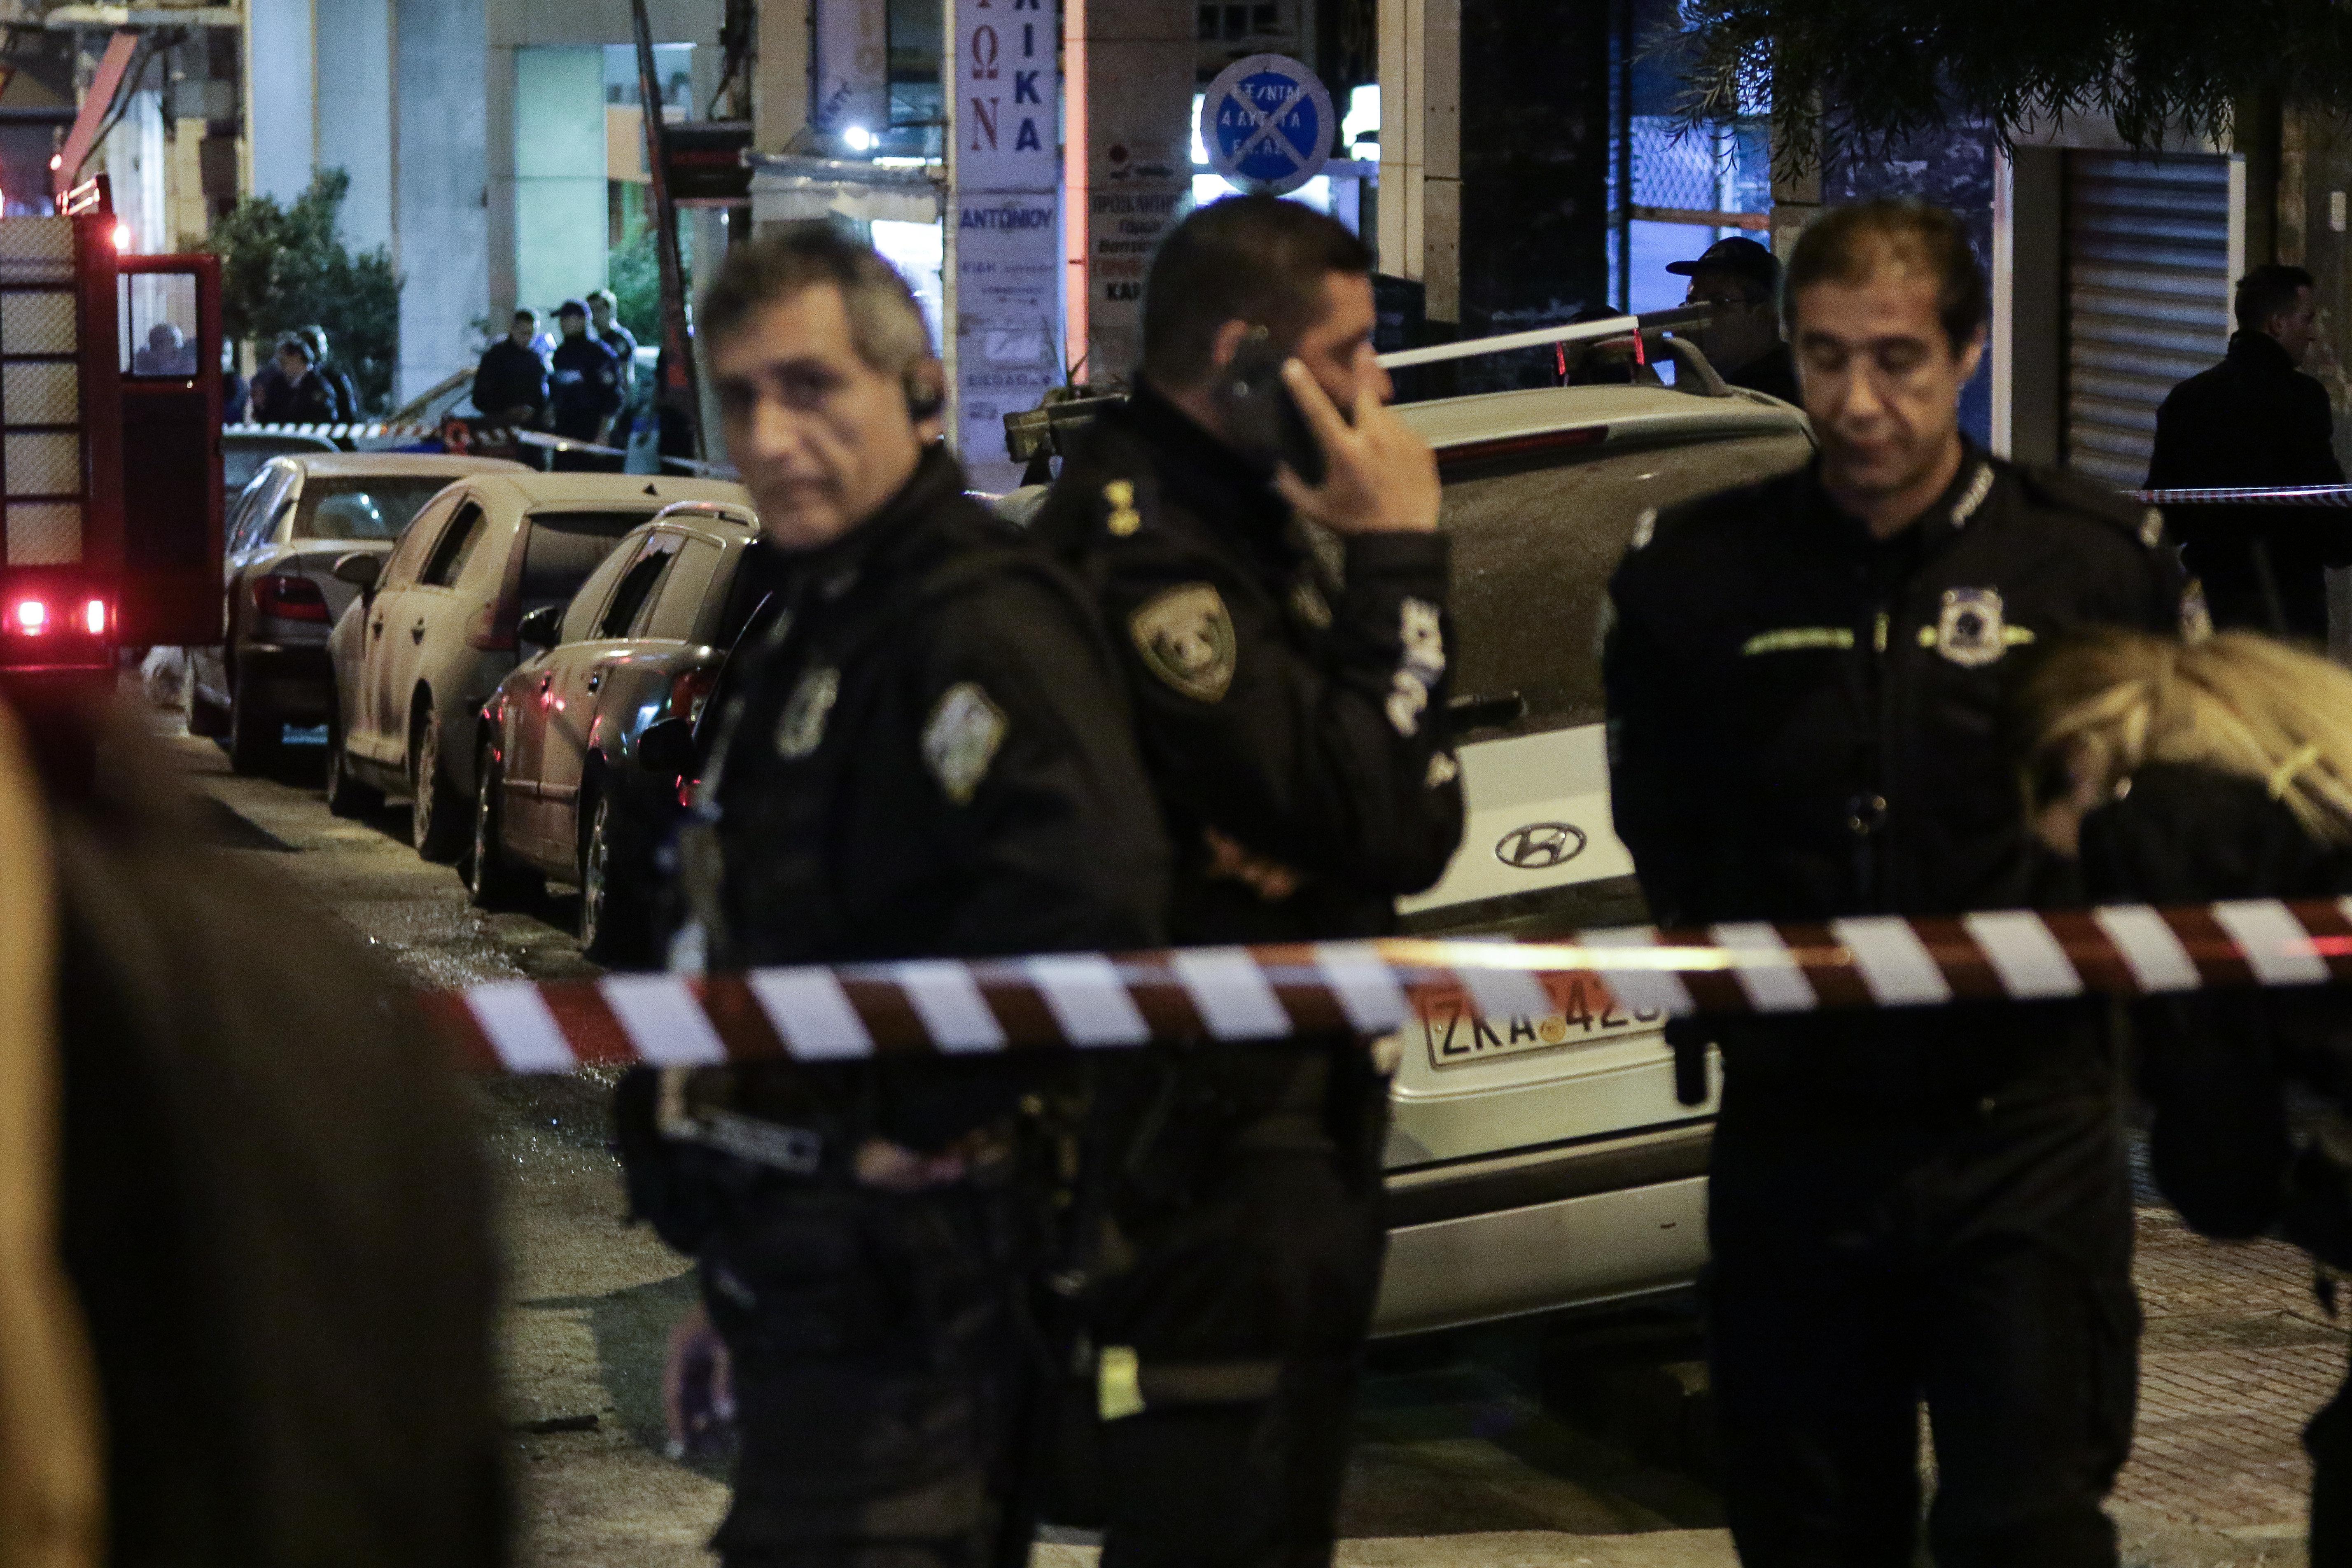 Στα… κάγκελα οι αστυνομικοί για την επίθεση στο Α.Τ. Ομονοίας. Καλούν σε